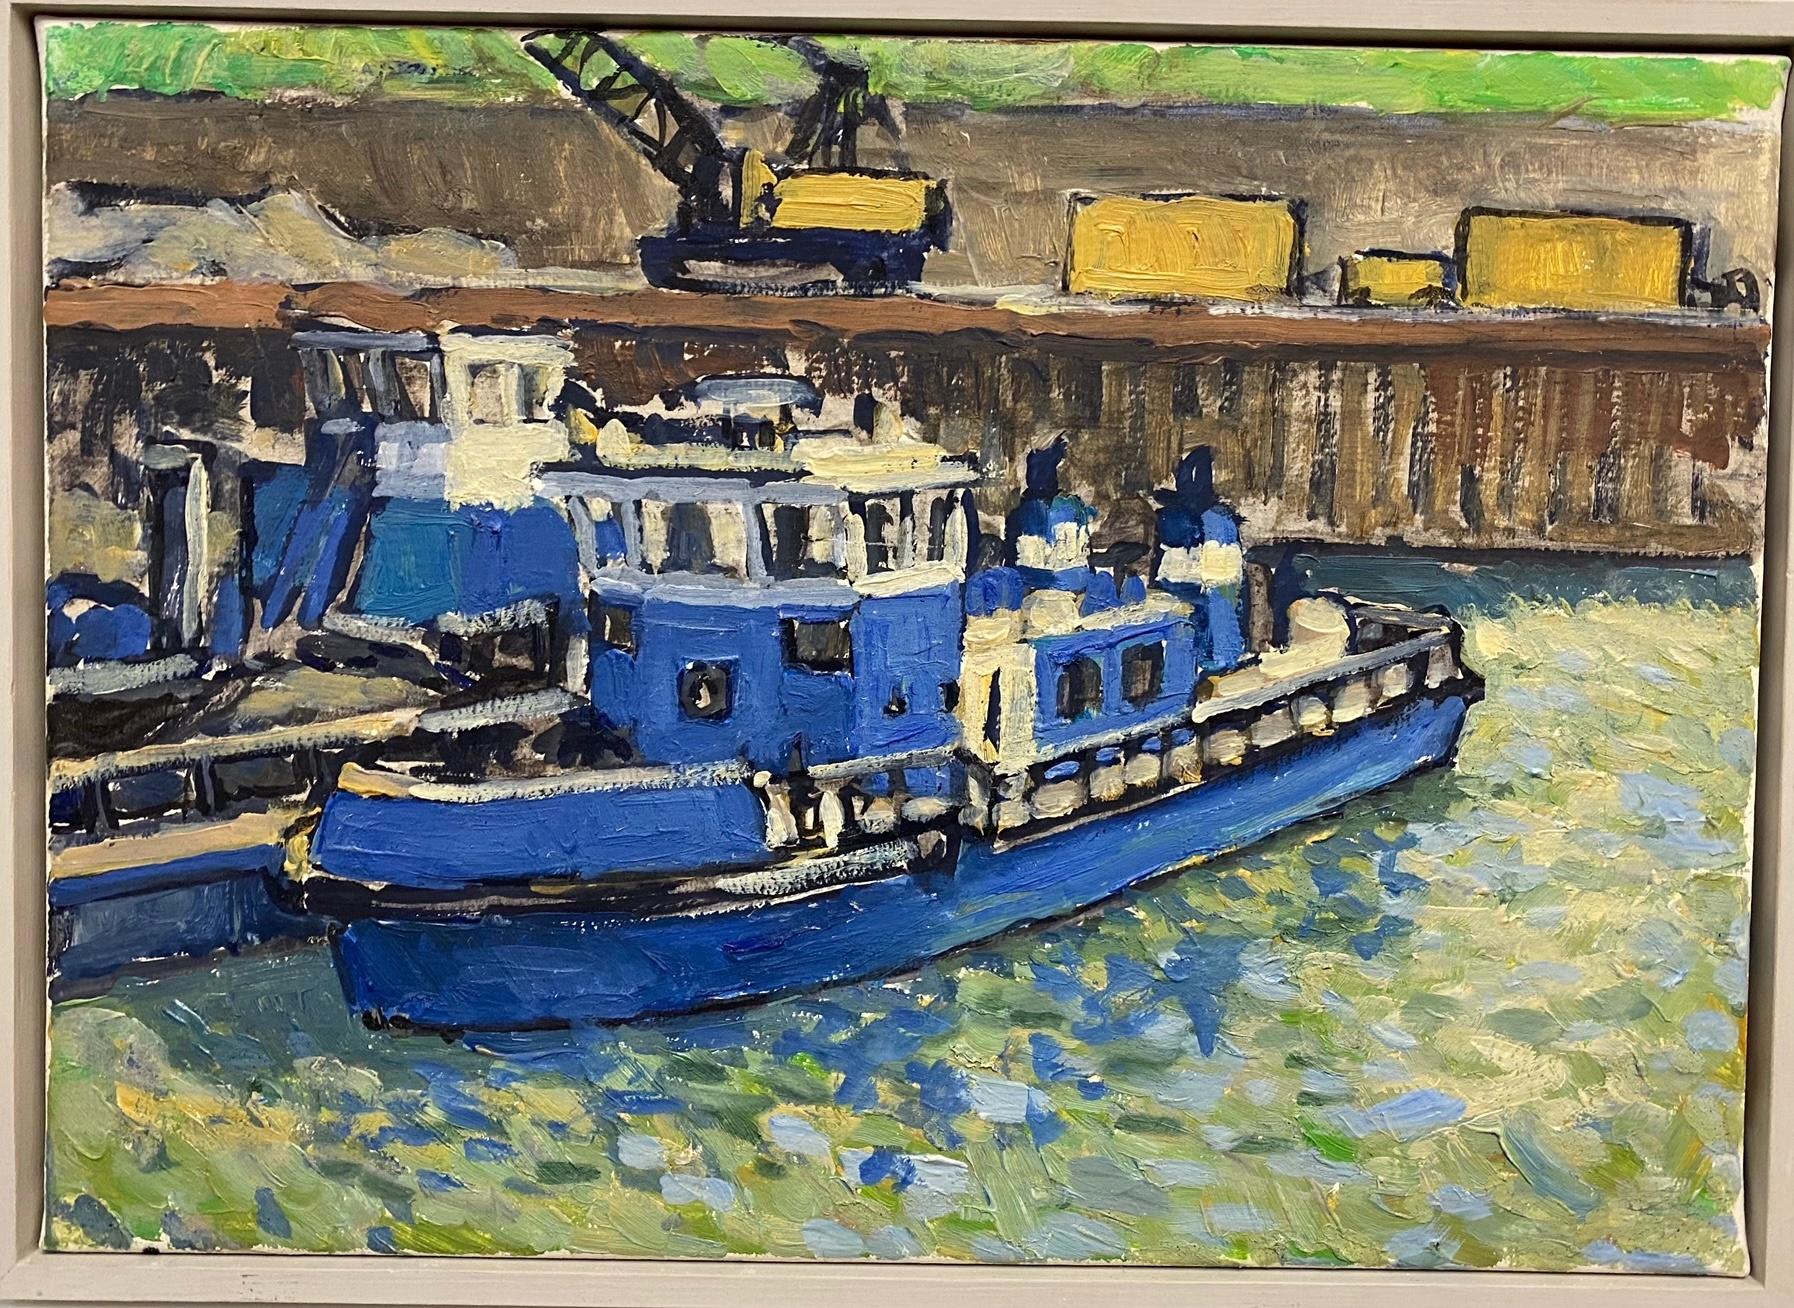 Egli_Freudenauer Hafen III, Öl auf Leinwand, 35 x 25 cm, 2010